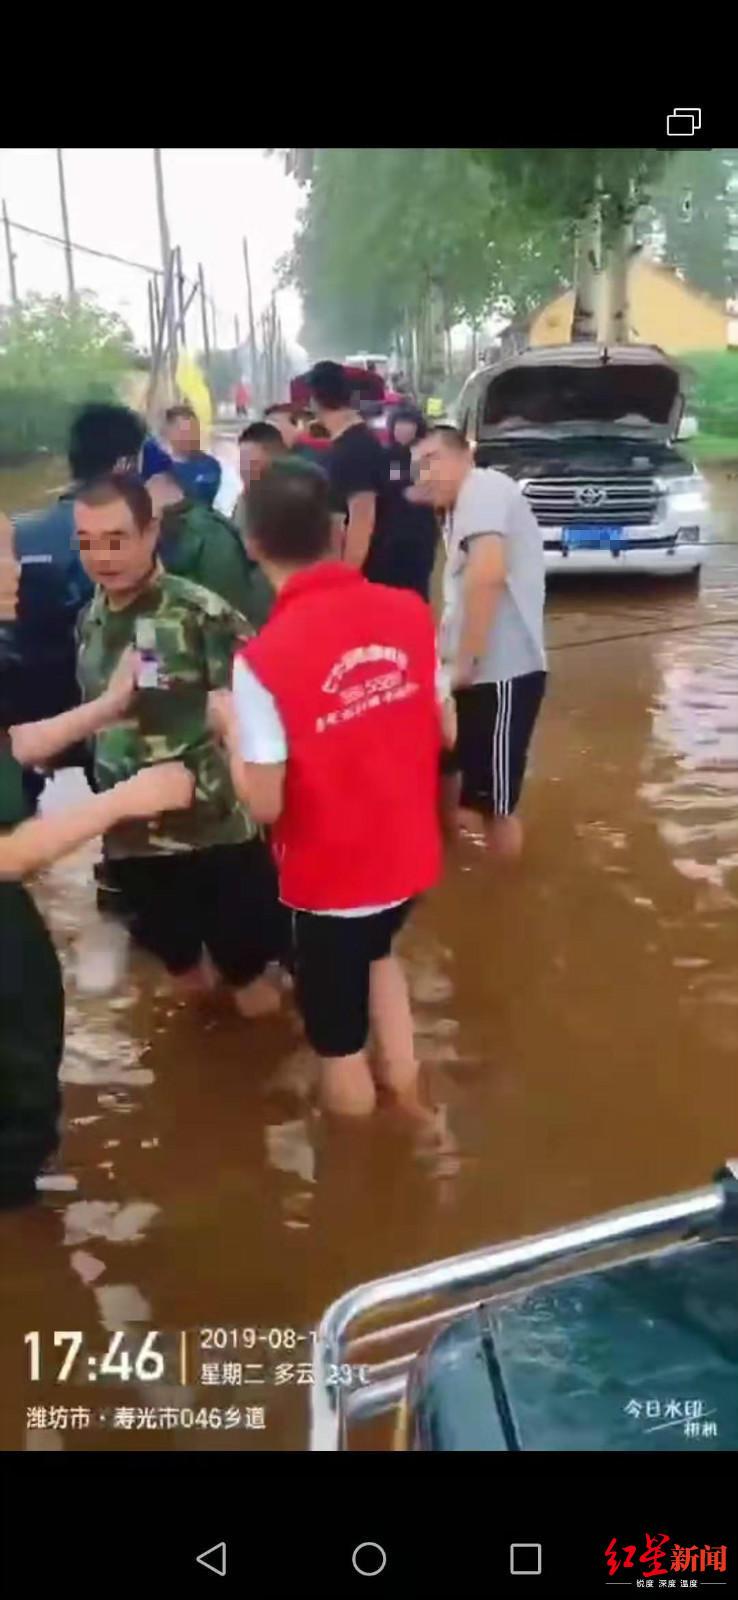 网传山东一男子因收消防300元开锁费被抓?警方:没被抓,仅处罚